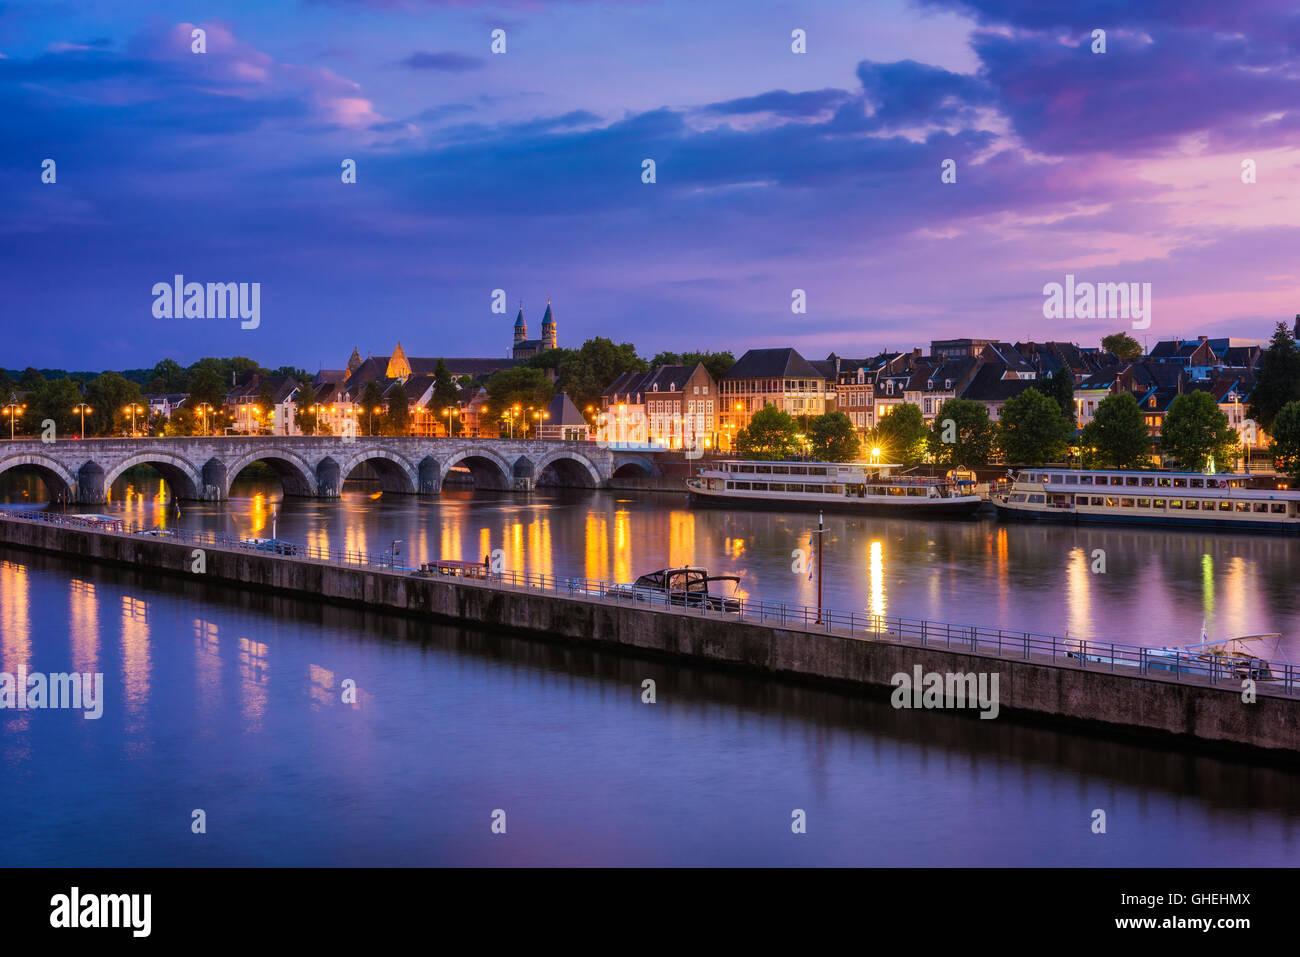 Maastricht e fiume Maas intorno al tramonto di sera d'estate Immagini Stock